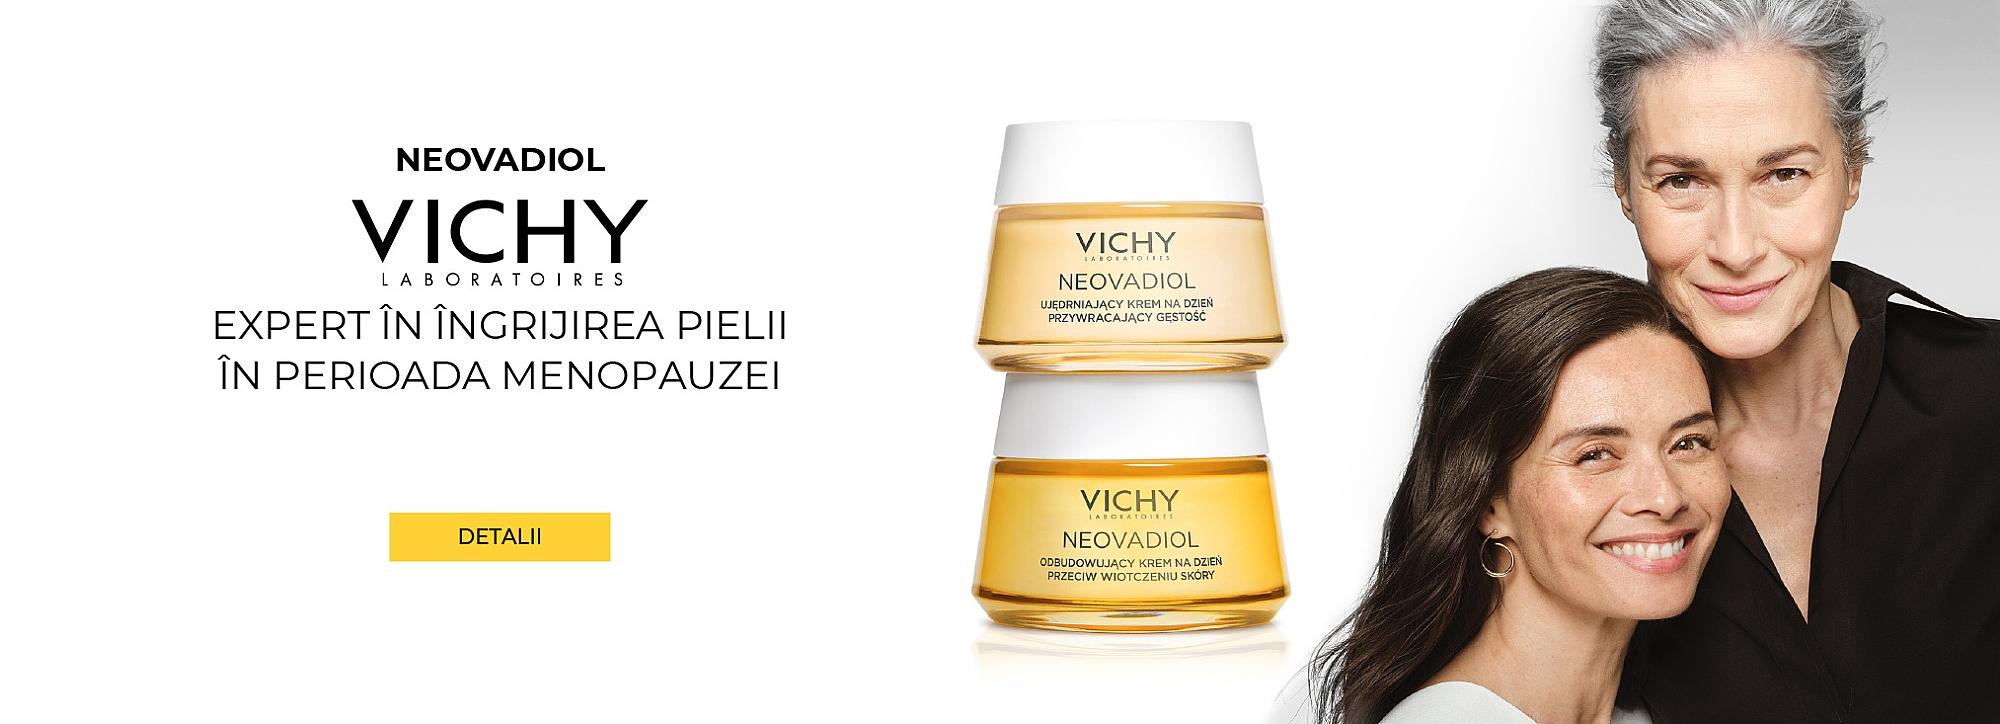 Vichy_face